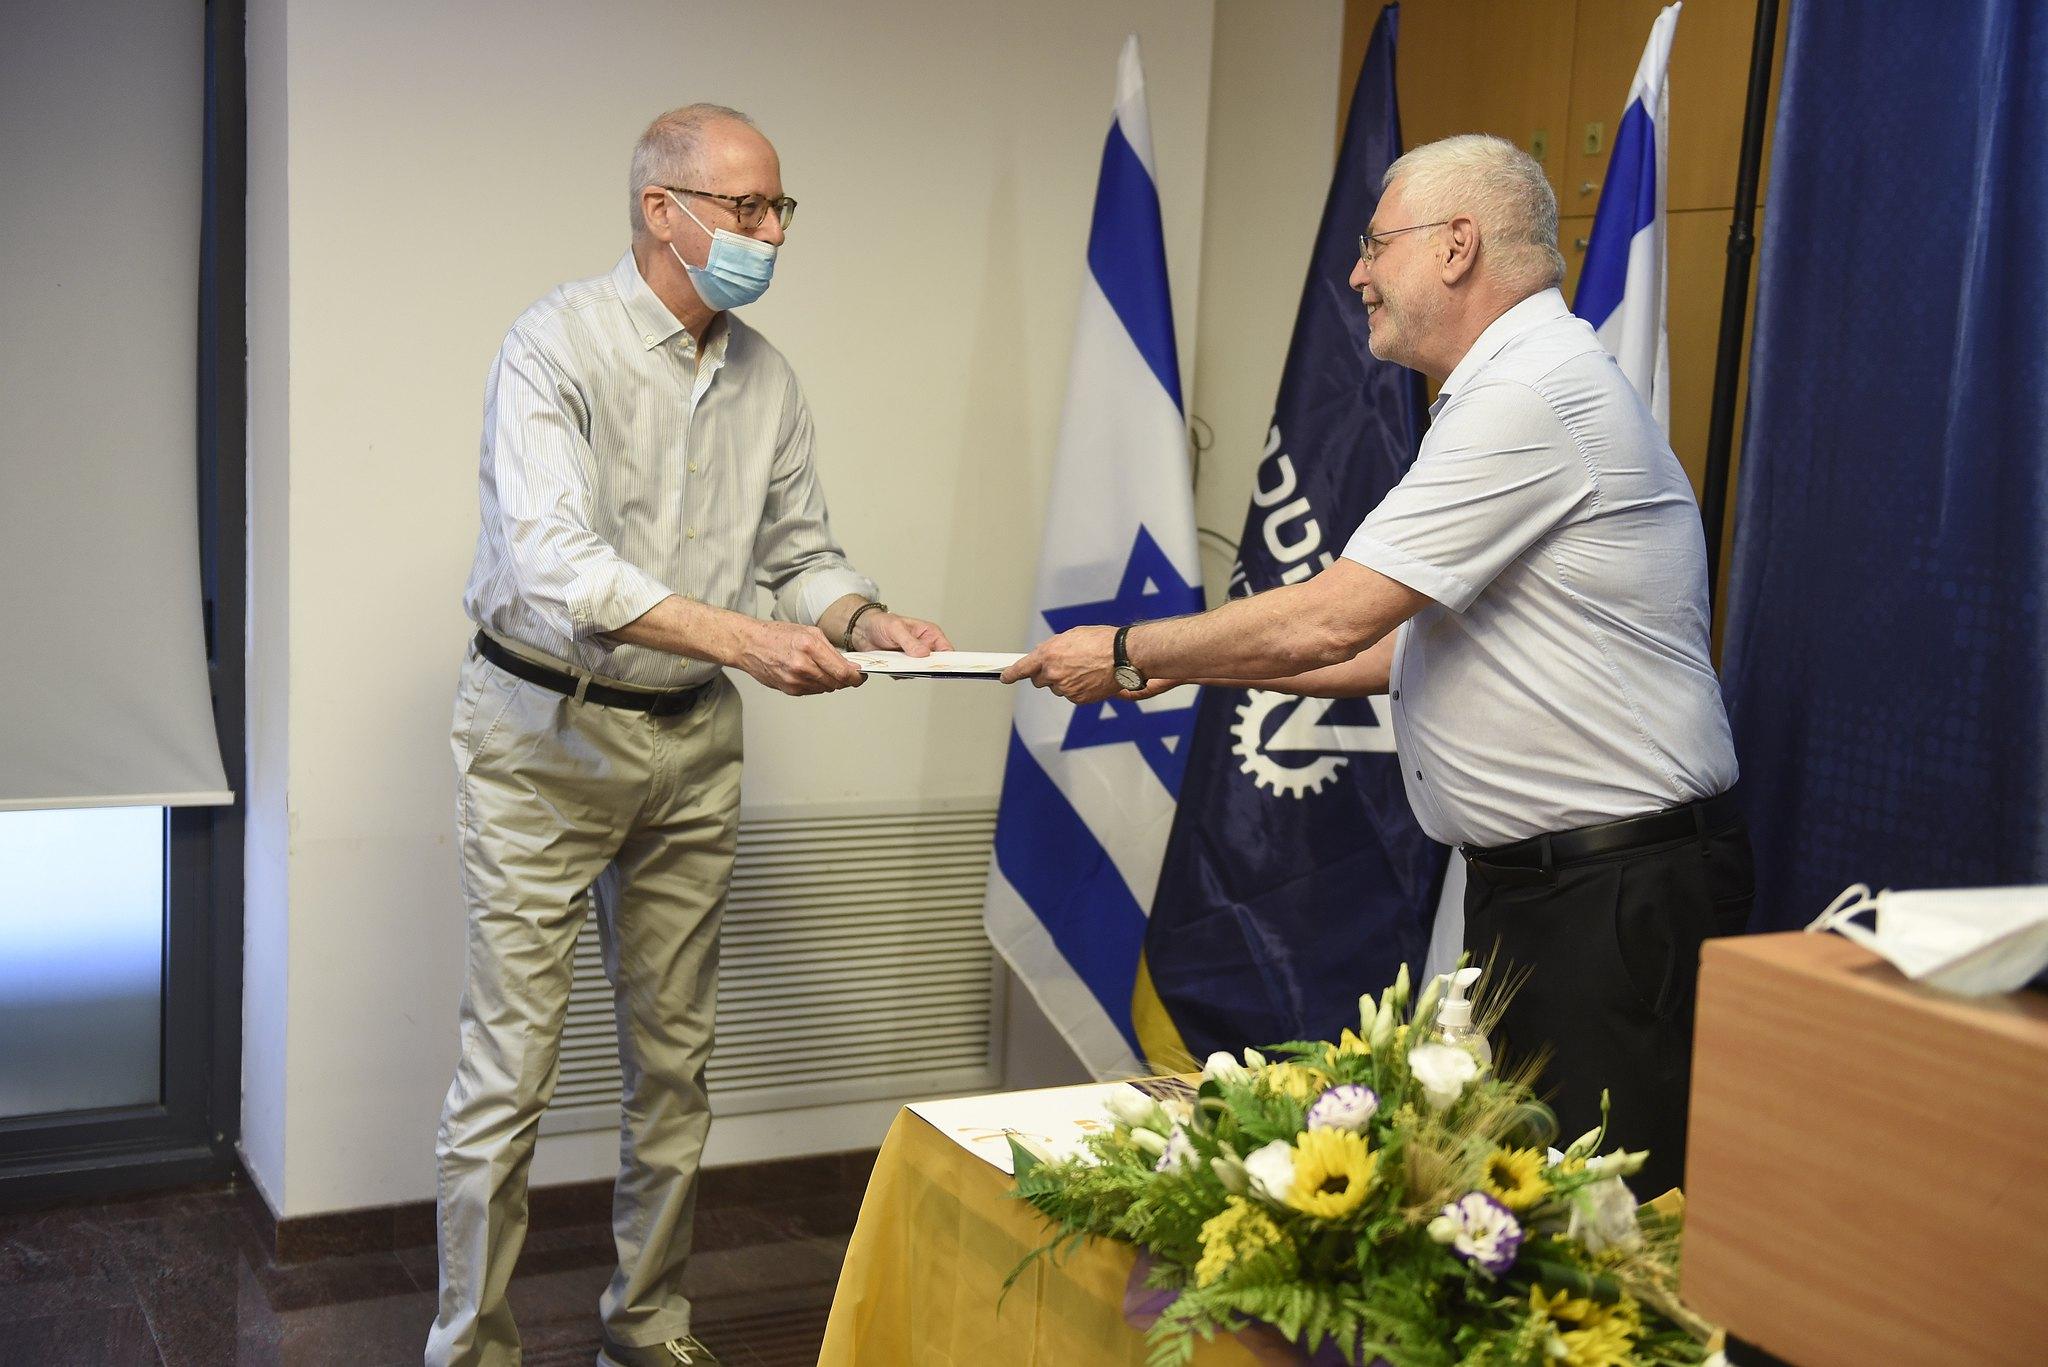 נשיא הטכניון פרופ' אורי סיון מעניק את הפרס לפרופ' אביעד שפירא מהפקולטה להנדסה אזרחית וסביבתית